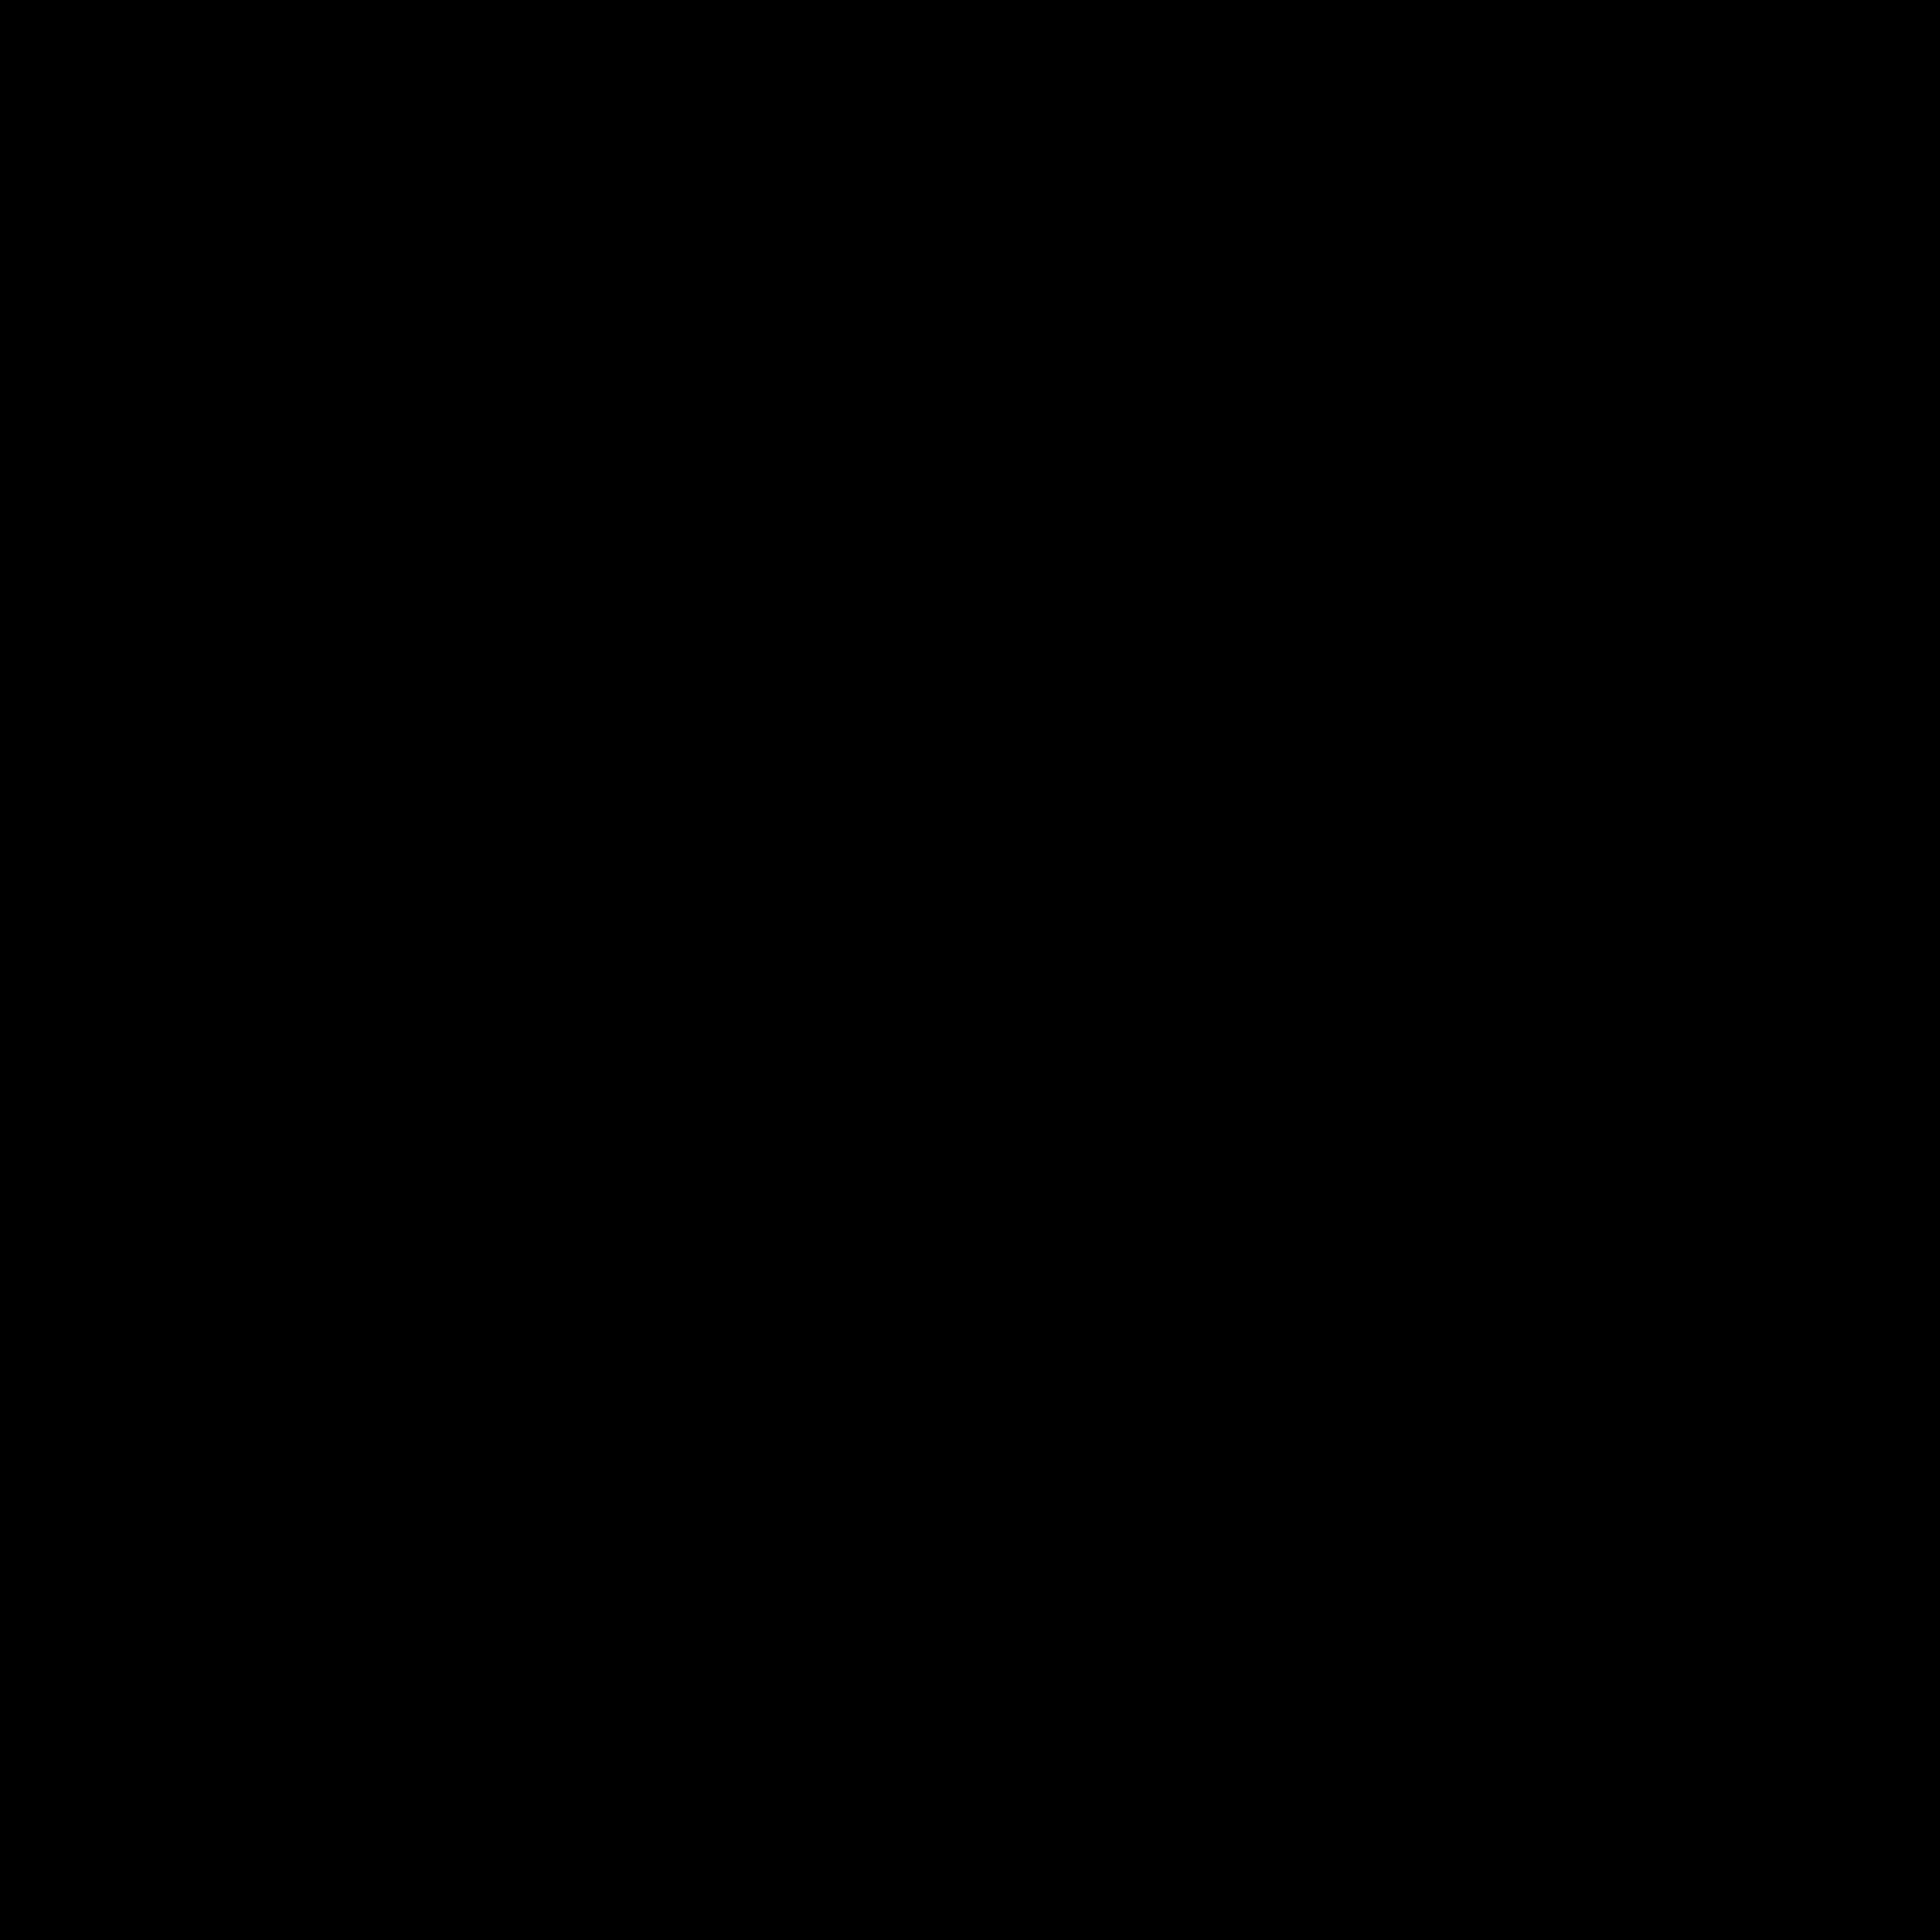 logo-slice-3.png